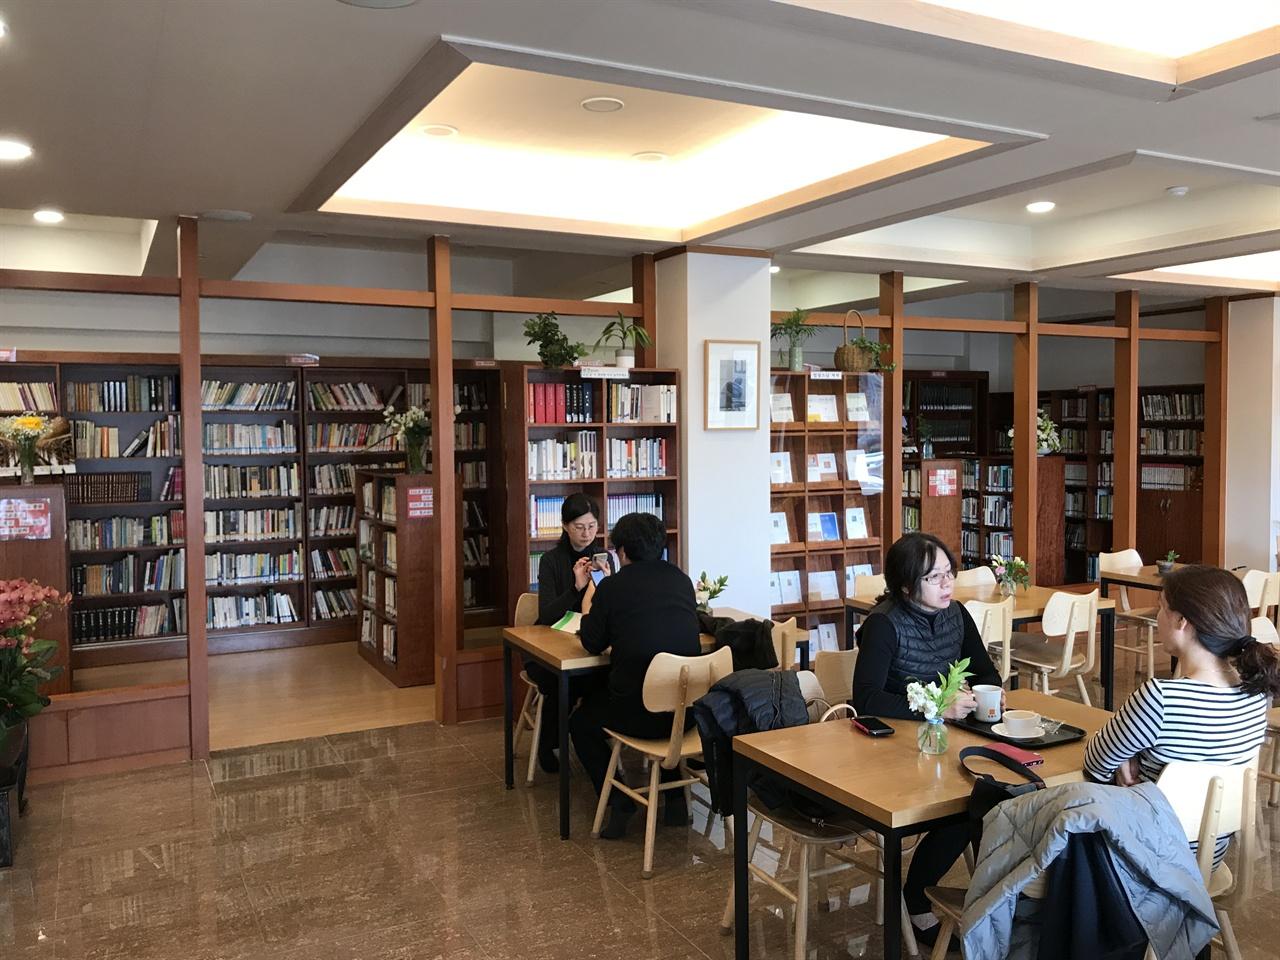 길상사 다라니다원 법정 스님은 길상사에 대중을 위한 도서관을 세웠다. 그 도서관이 '길상도서관'이다. 길상도서관은 복합문화공간 '다라니다원'으로 이름을 바꾼다.